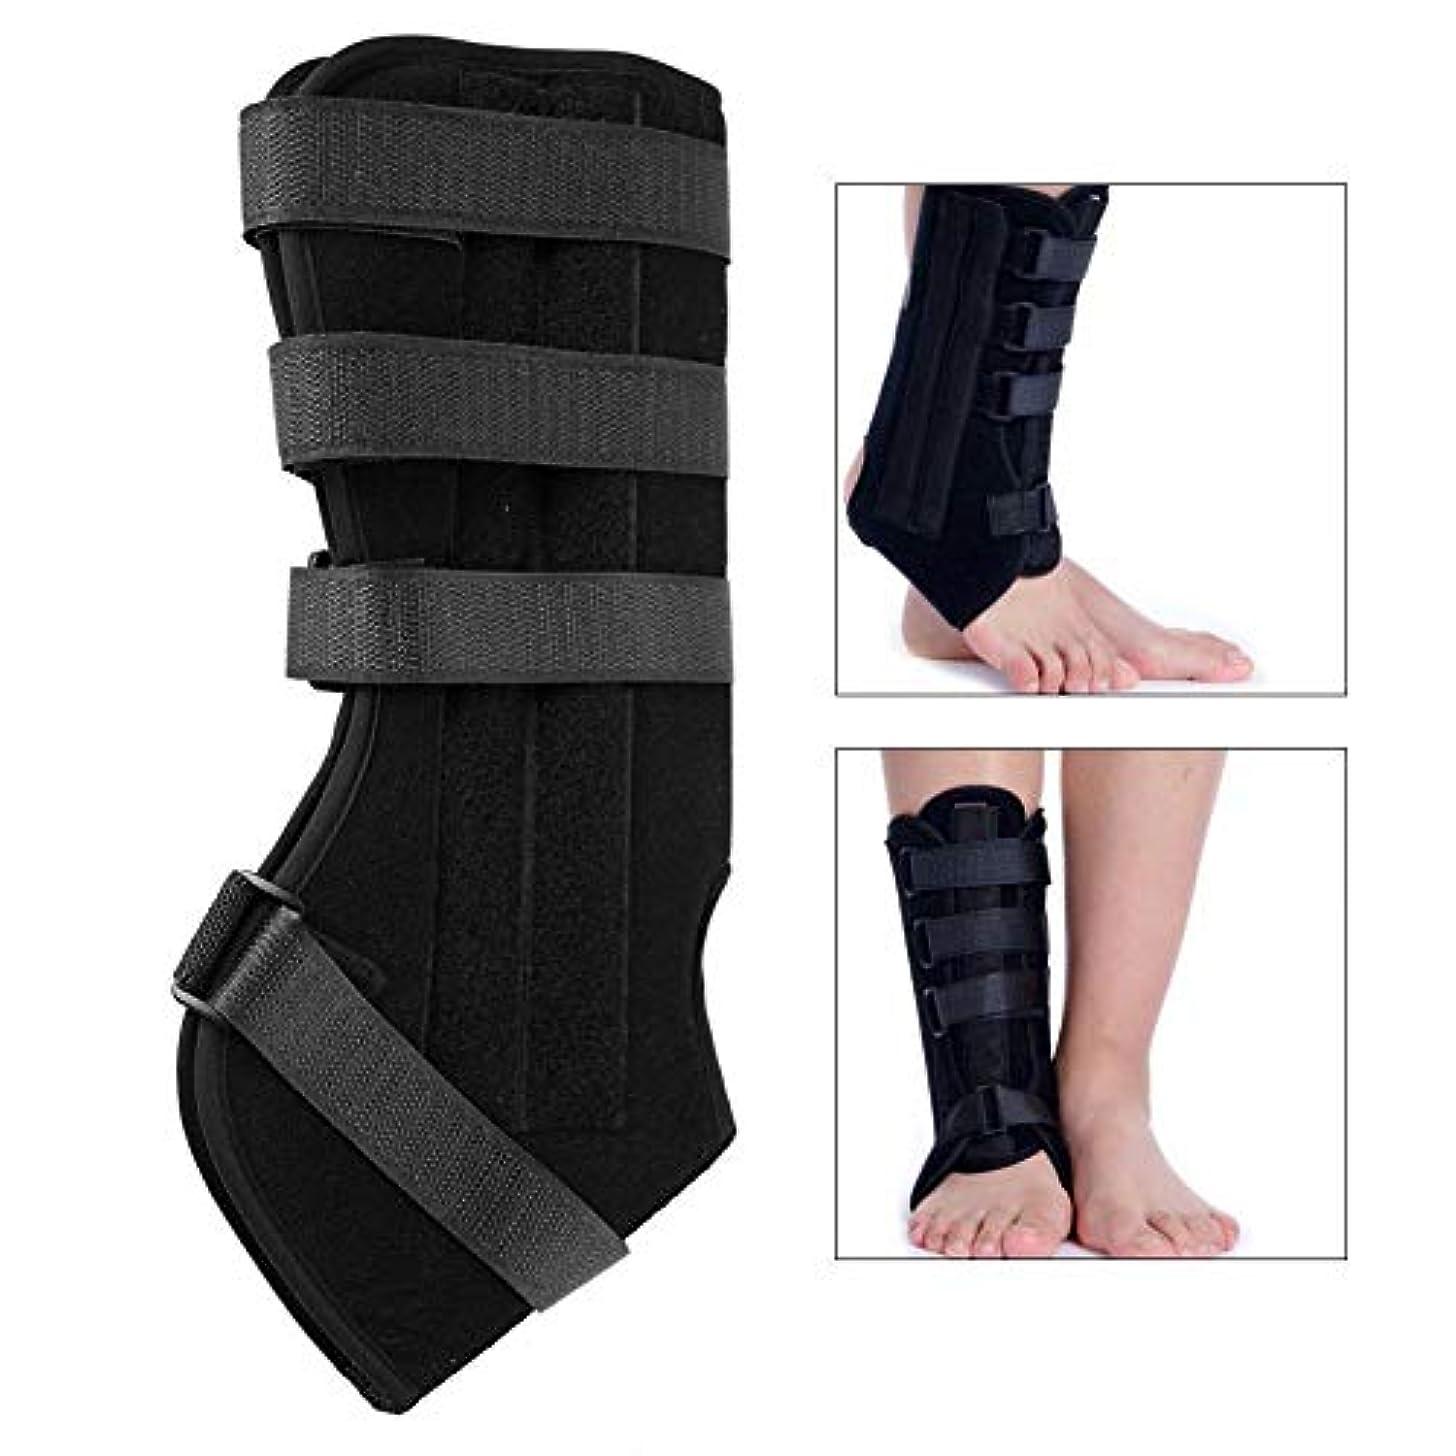 旋律的かみそり質量足首装具、足首関節外部固定骨折治療修正サポートツールブレースサポート腱矯正手術後,M